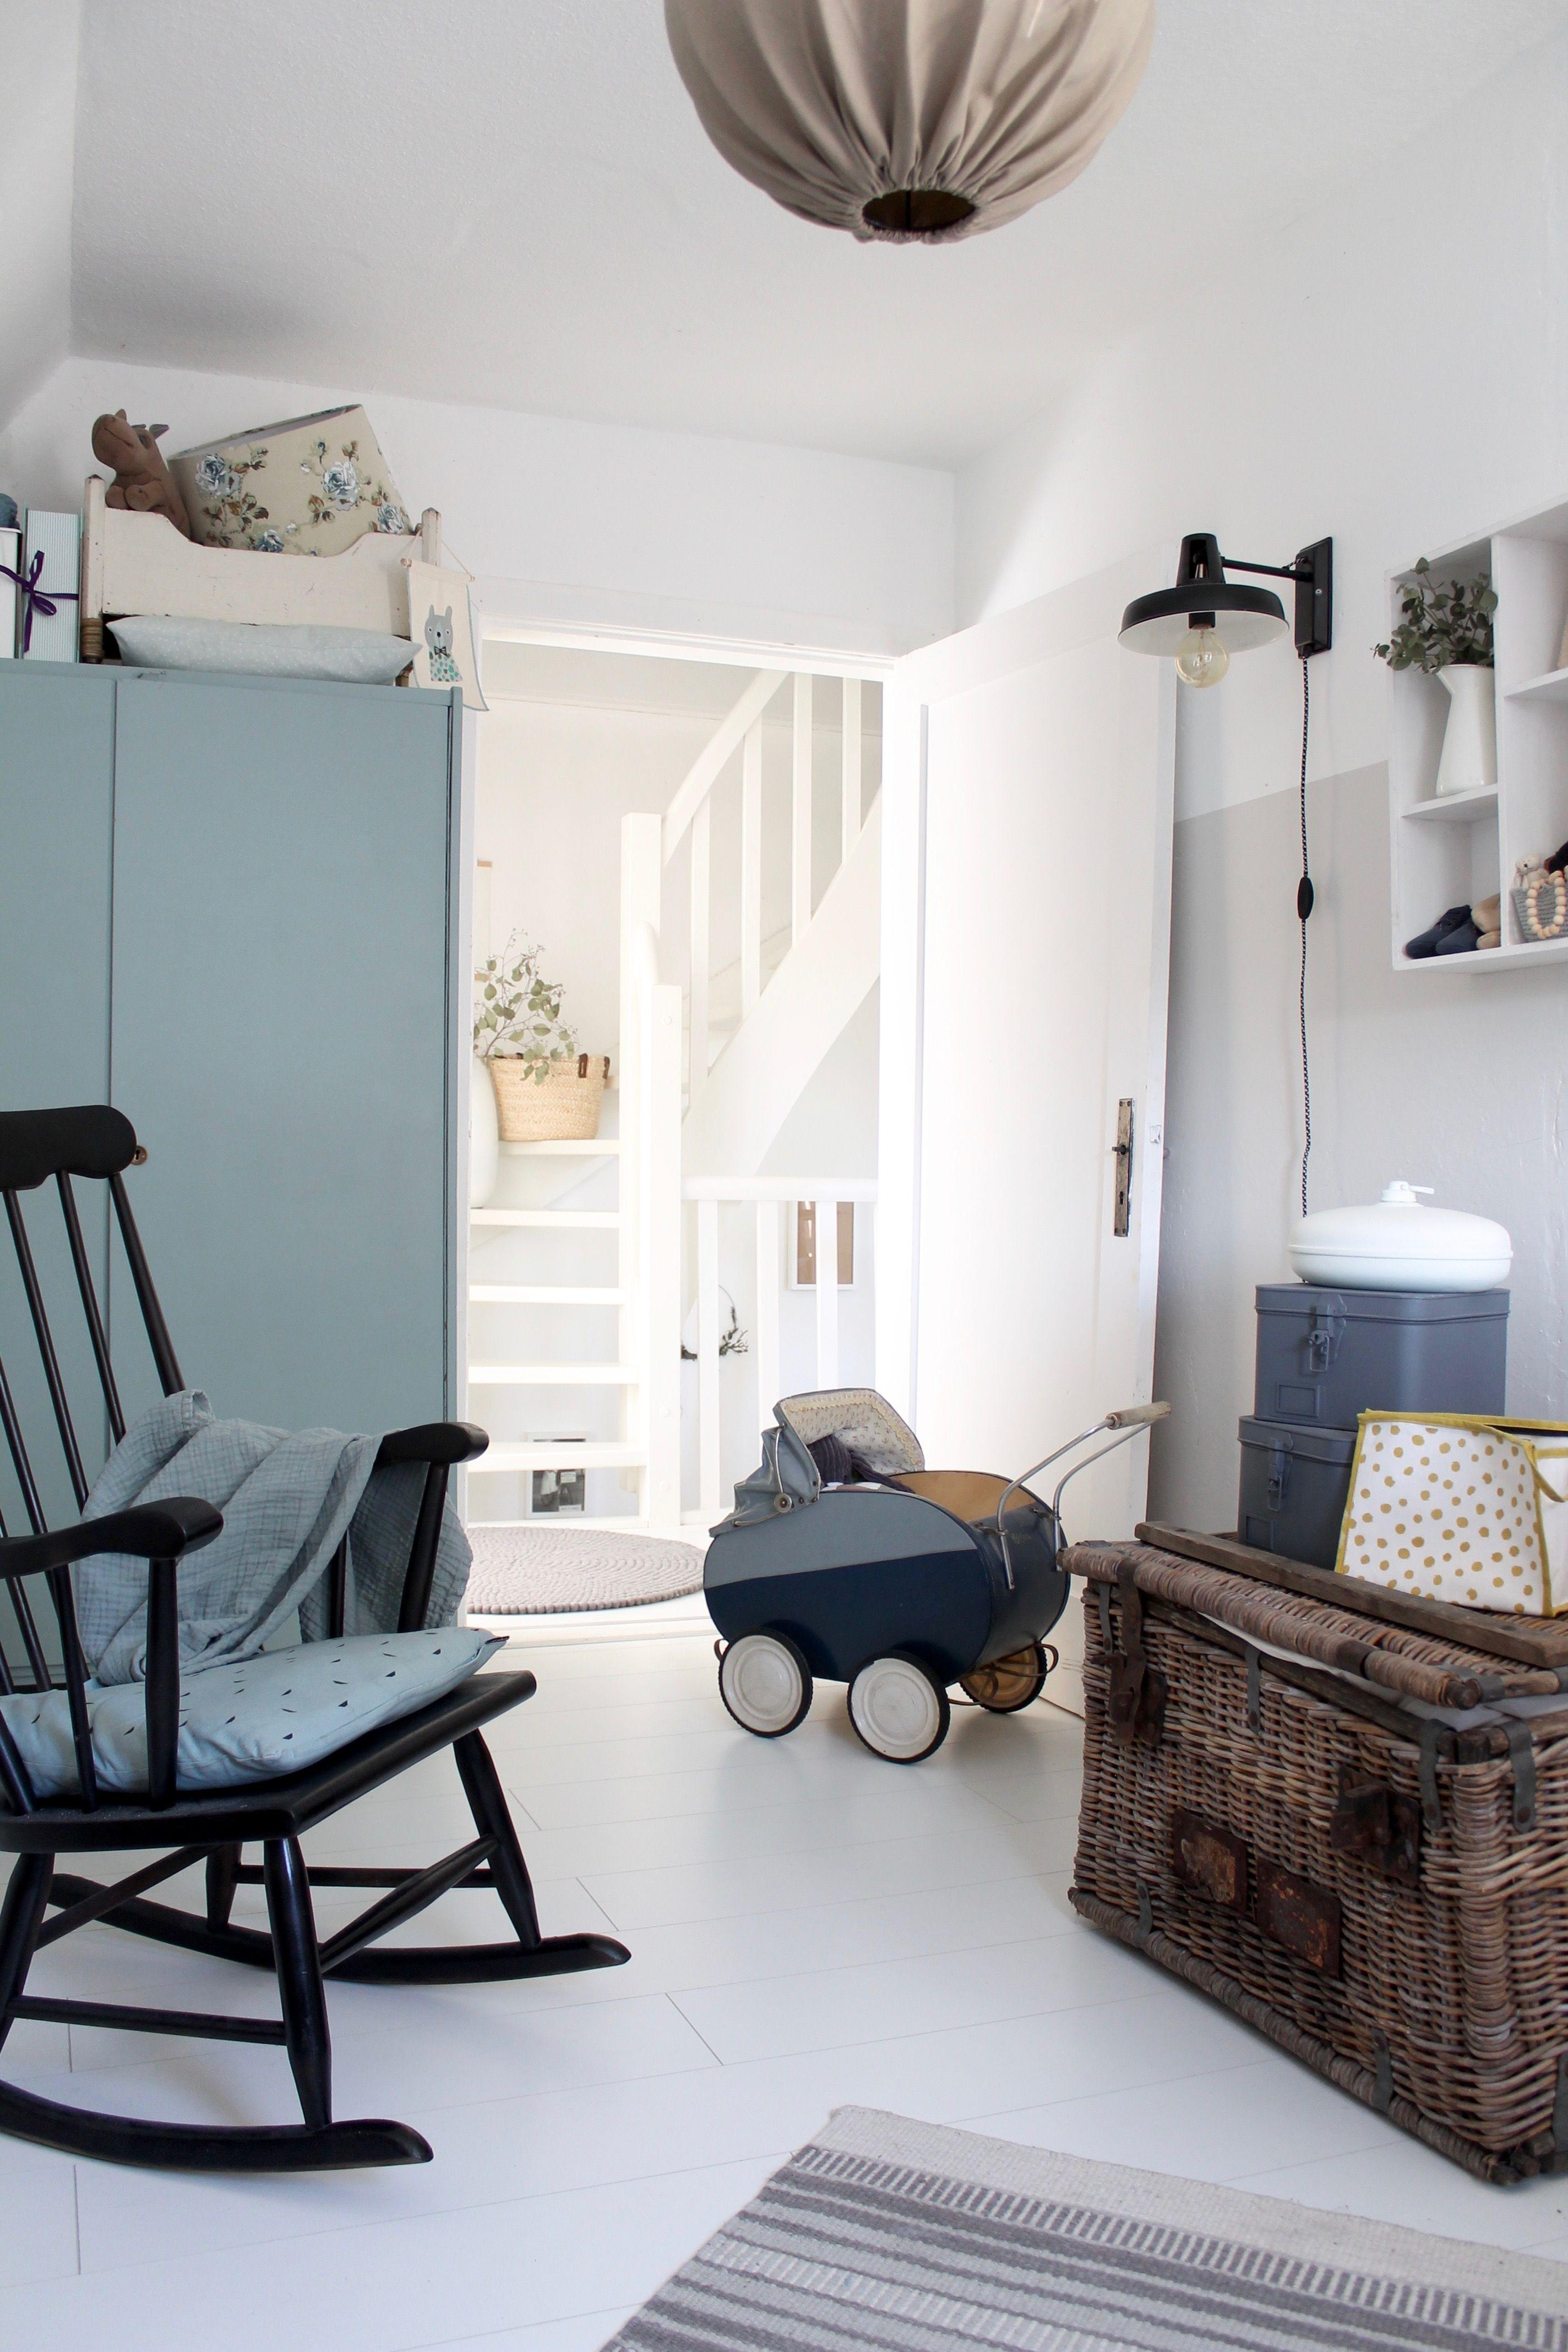 Das Zimmer Fur Sam Babyzimmer Nursery Vintage Mit Bildern Wohnen Zimmer Babyzimmer